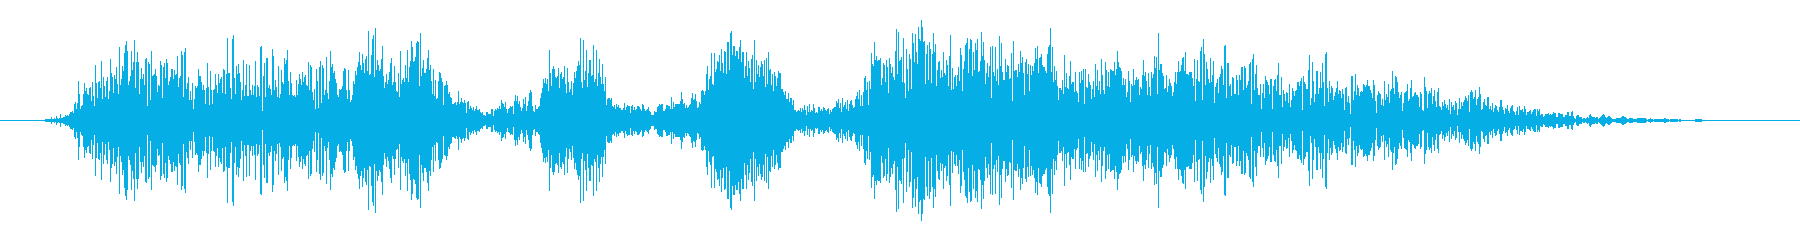 スライム モンスター ゲーム 登場時の再生済みの波形